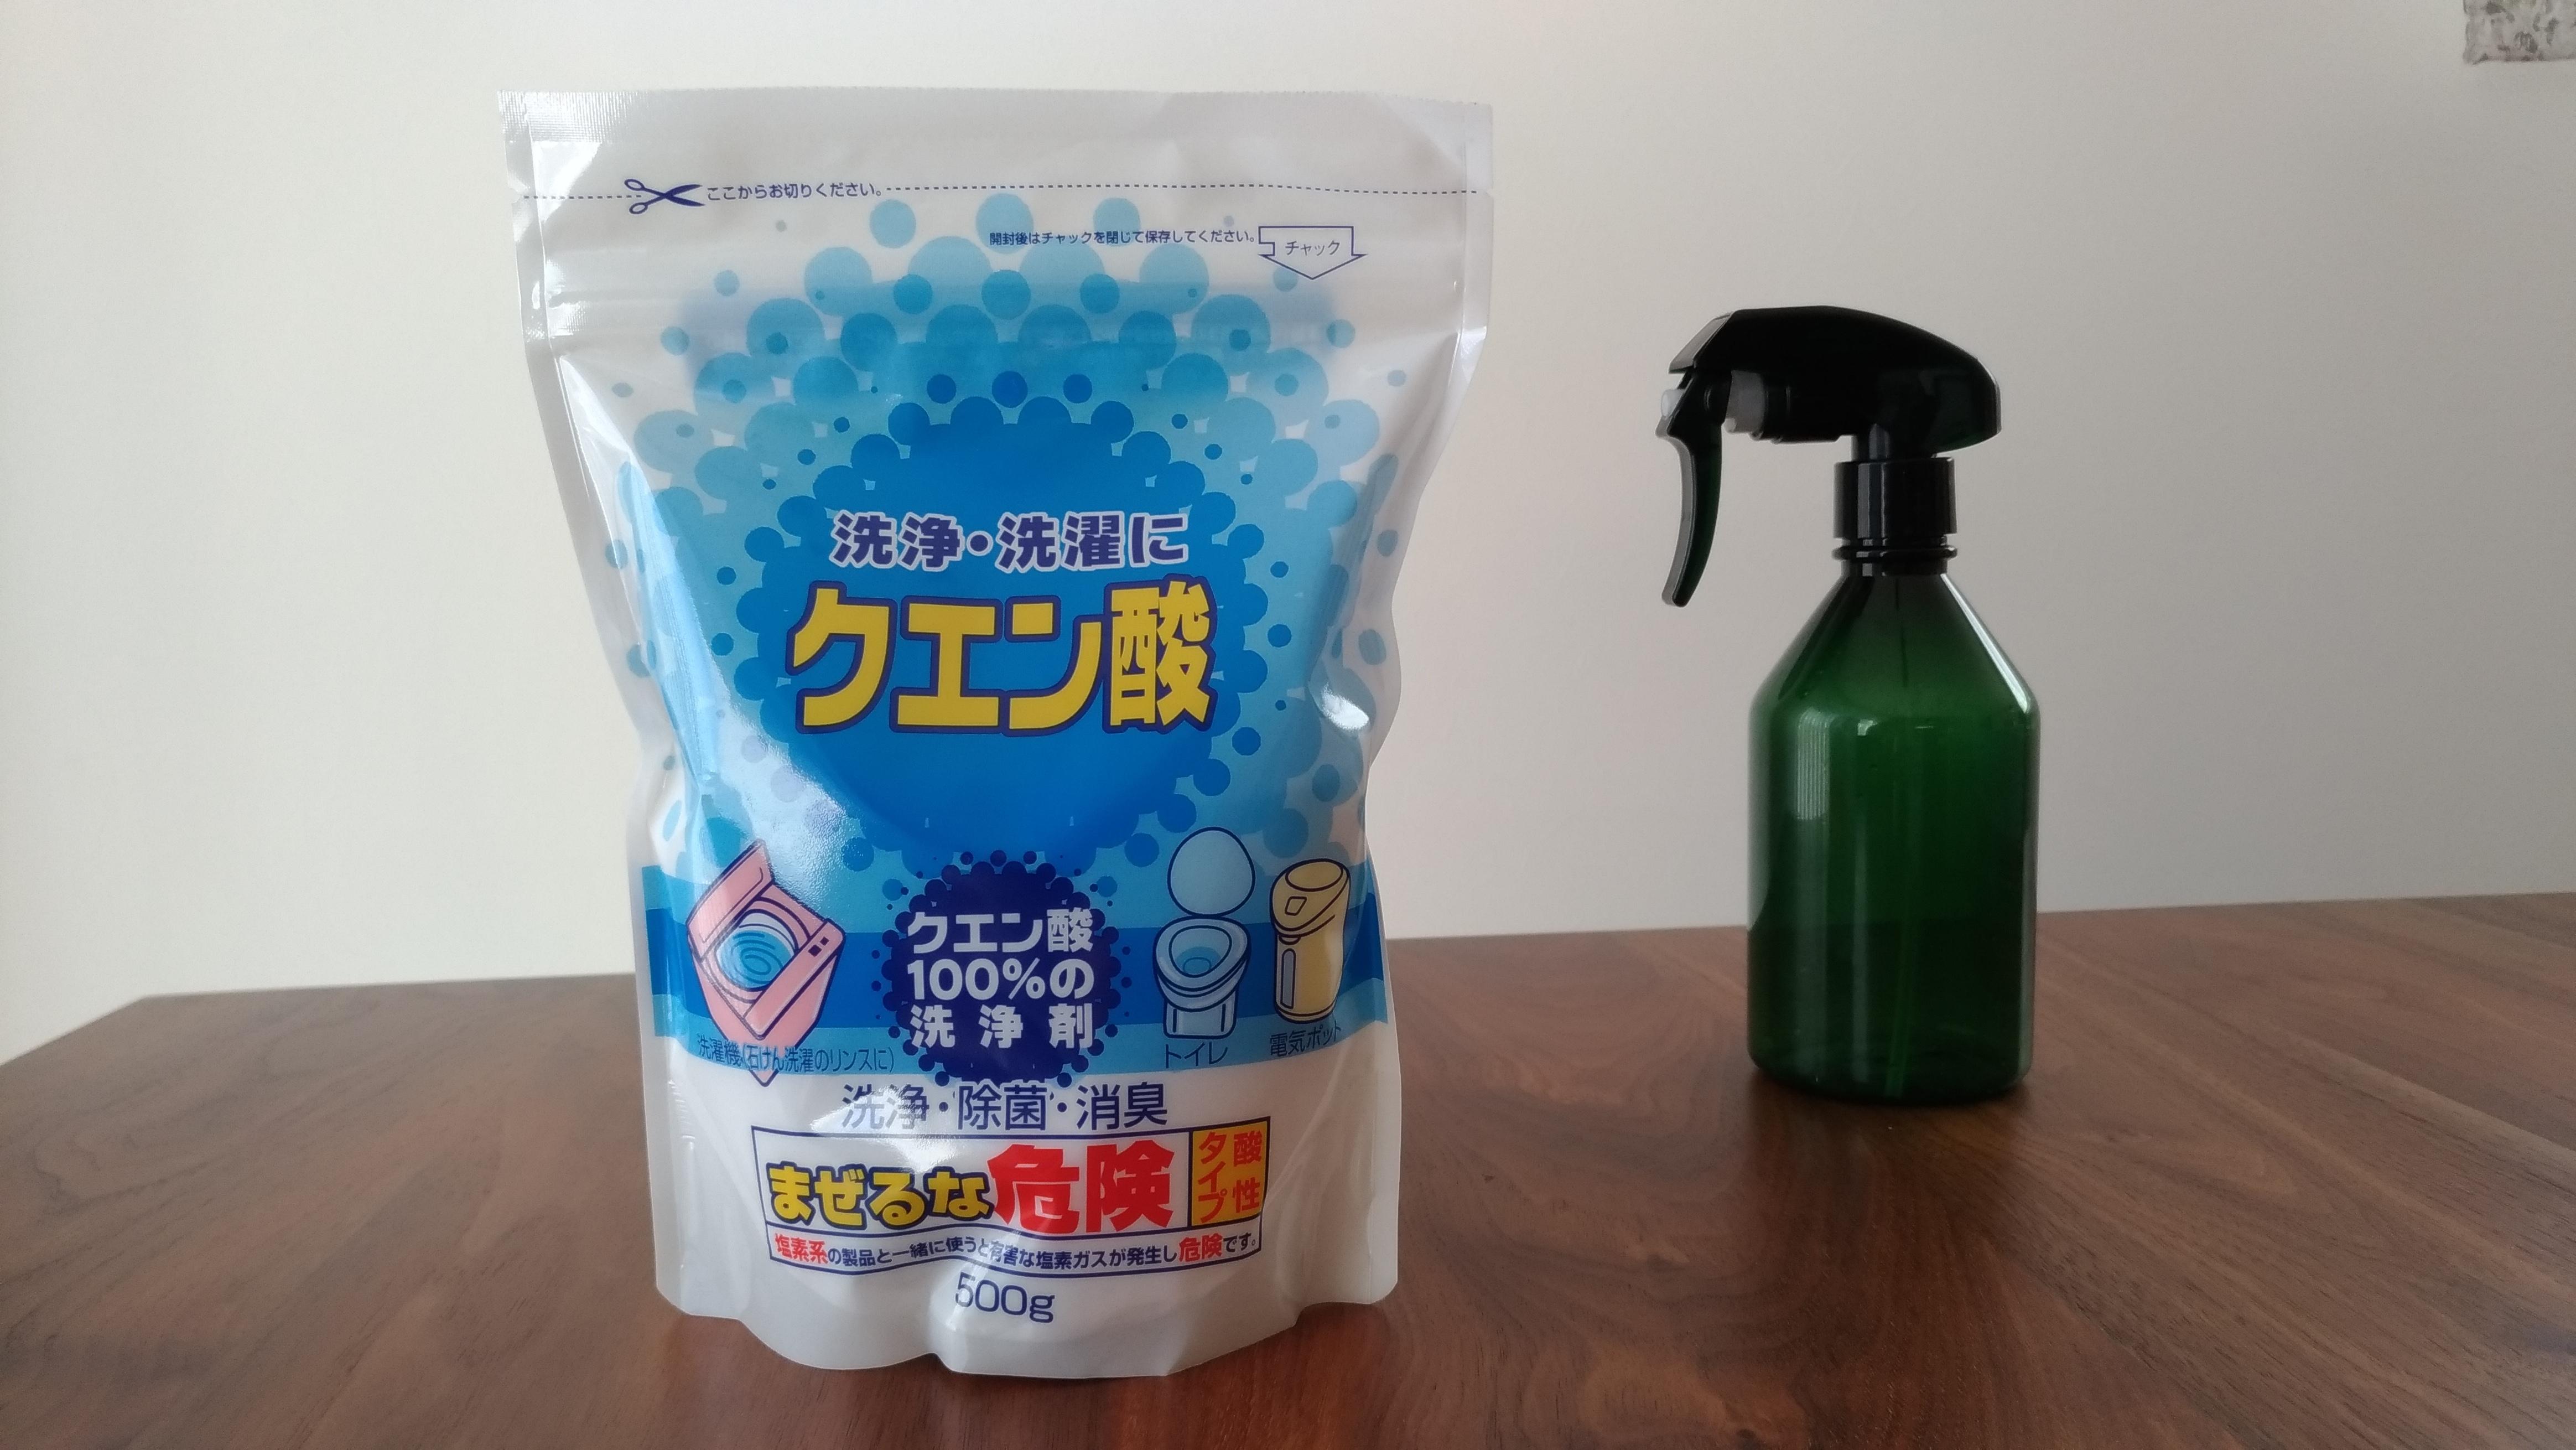 クエン酸スプレーの上手な作り方!必要な材料や効果的な濃度を紹介!